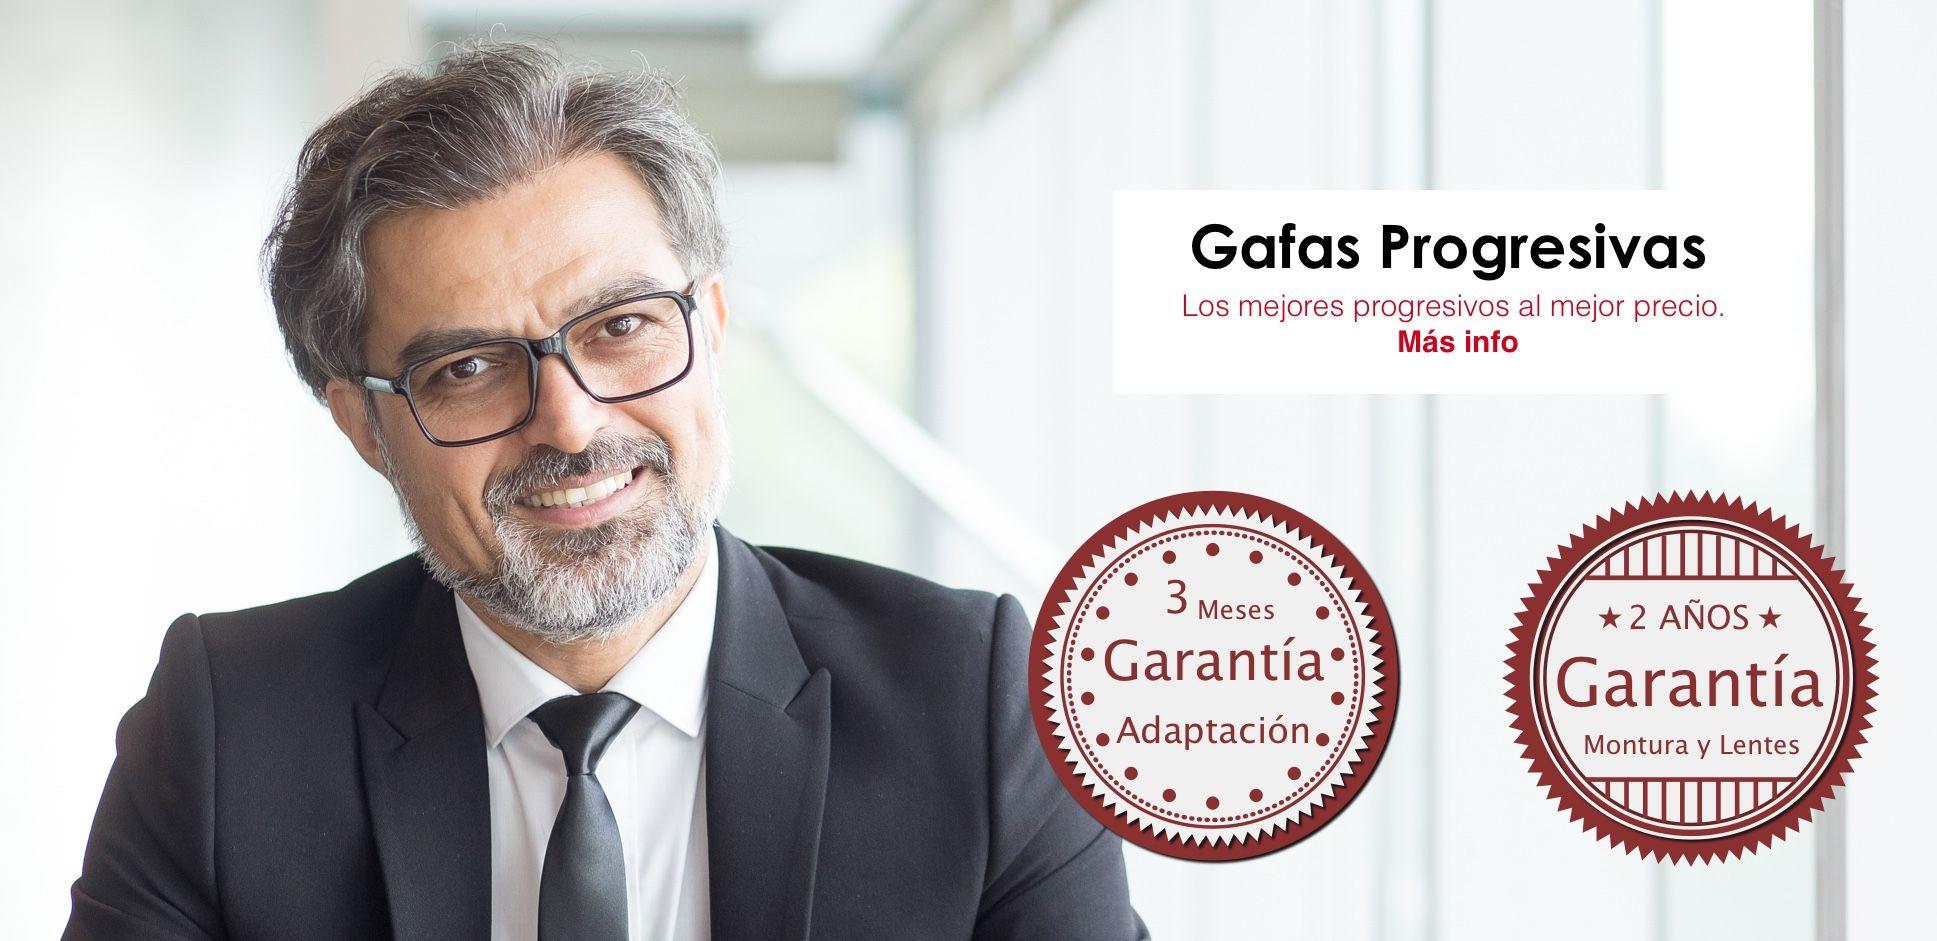 elige auténtico en pies imágenes de diseño superior Gafas Progresivas desde 99€ - Montura + Cristales + Garantía ...